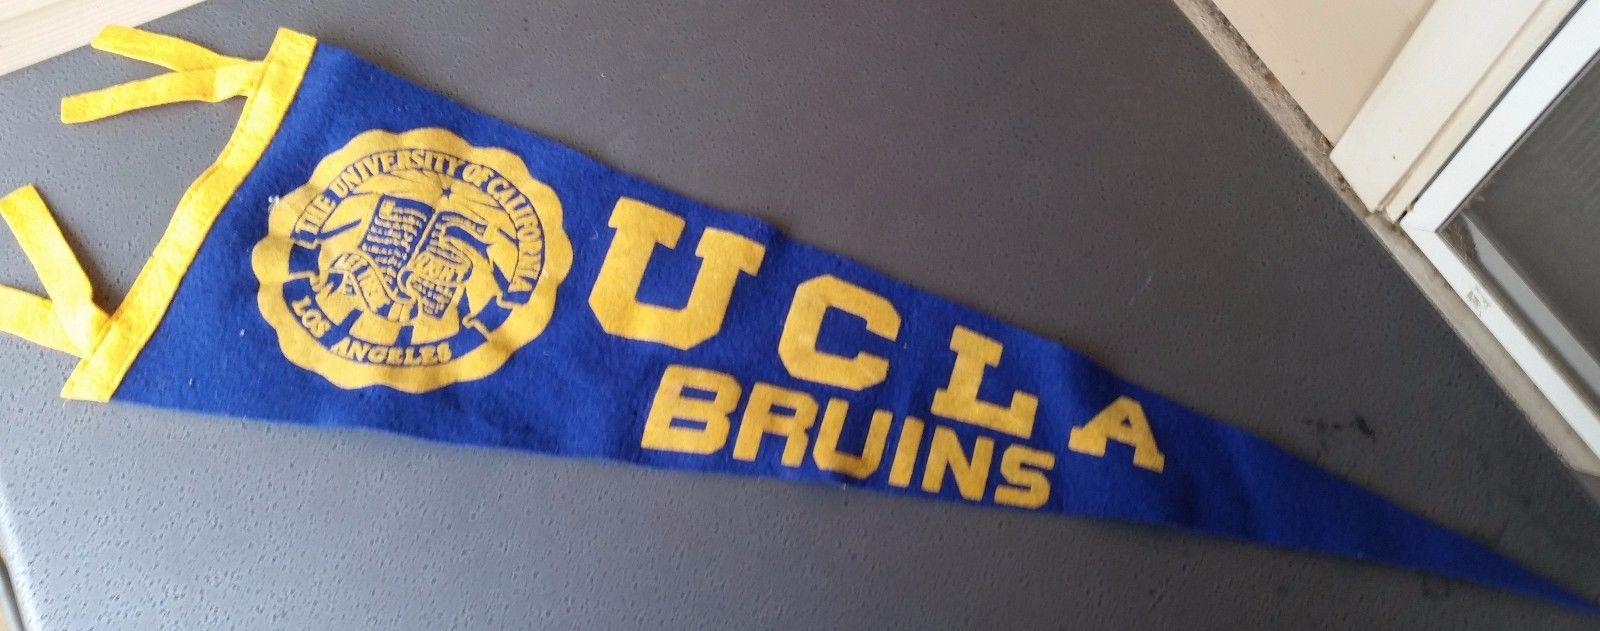 Vintage 1940s-1950s UCLA Bruins Pennant